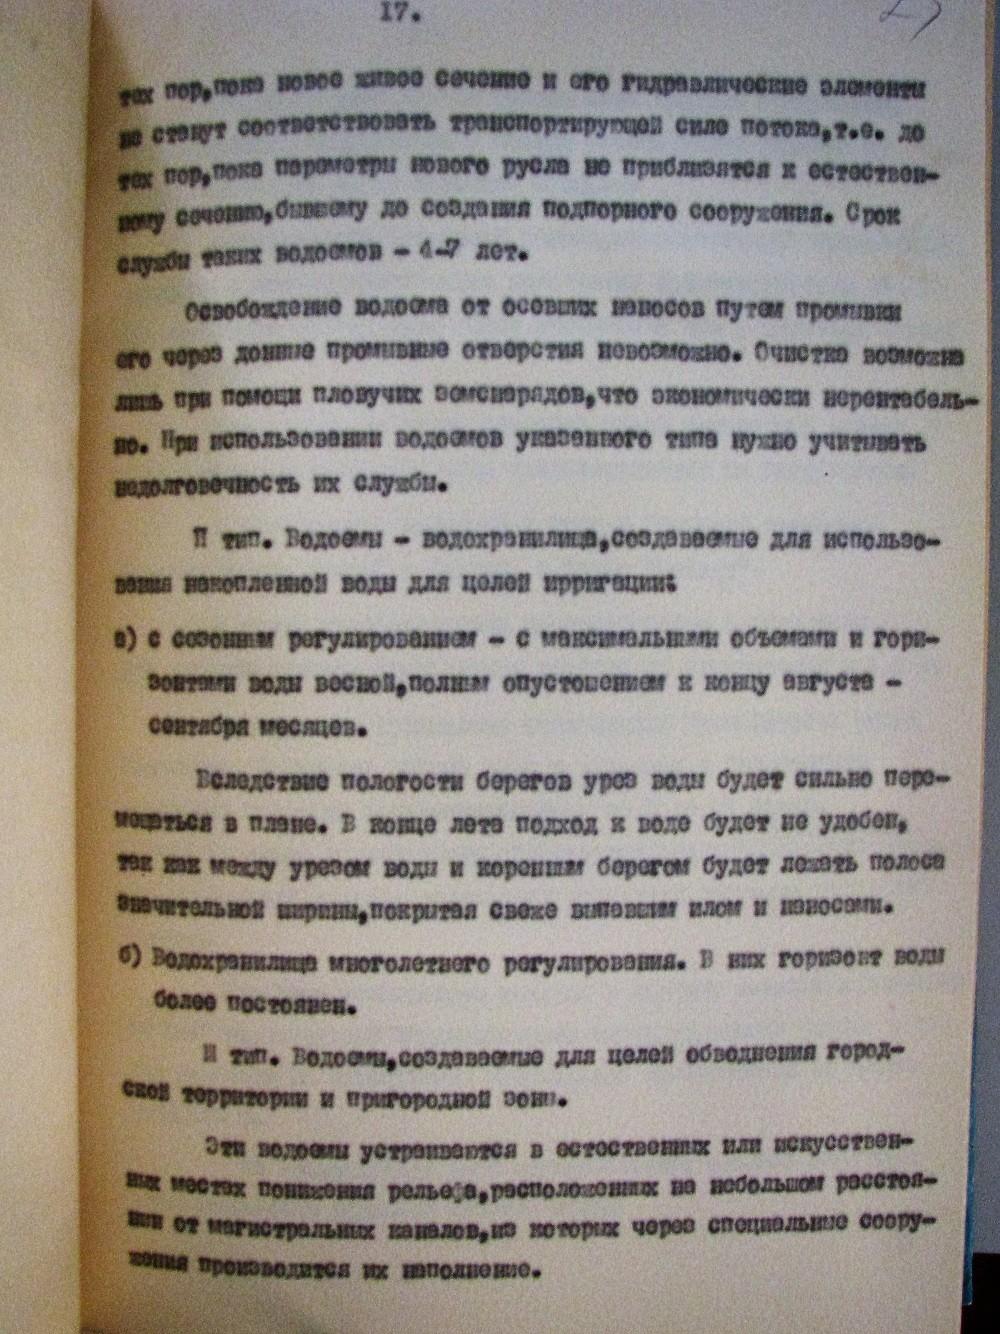 tashkent-1960-23